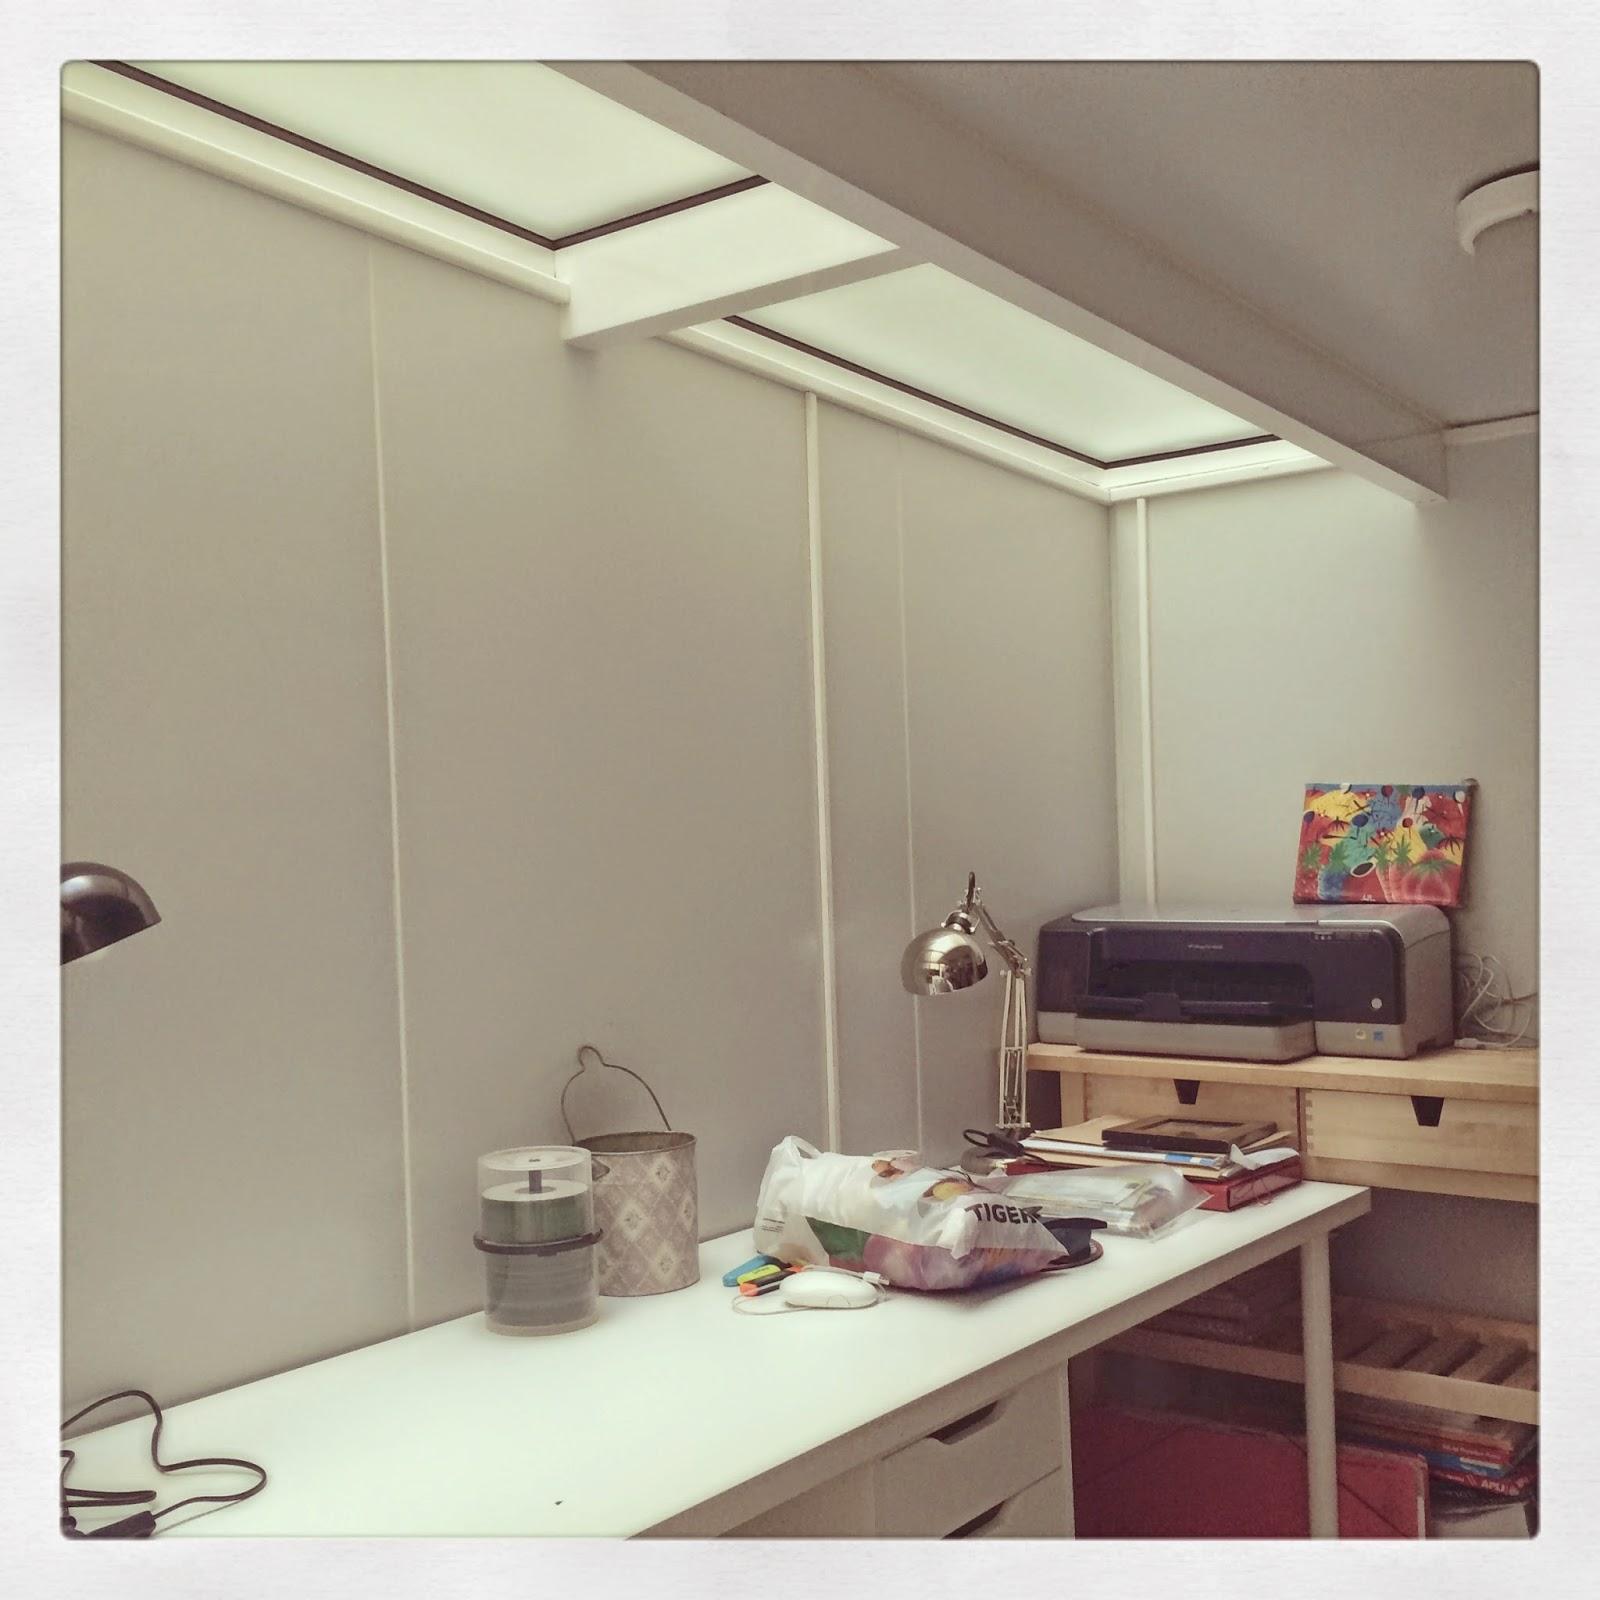 proceso de montaje espacio de trabajo